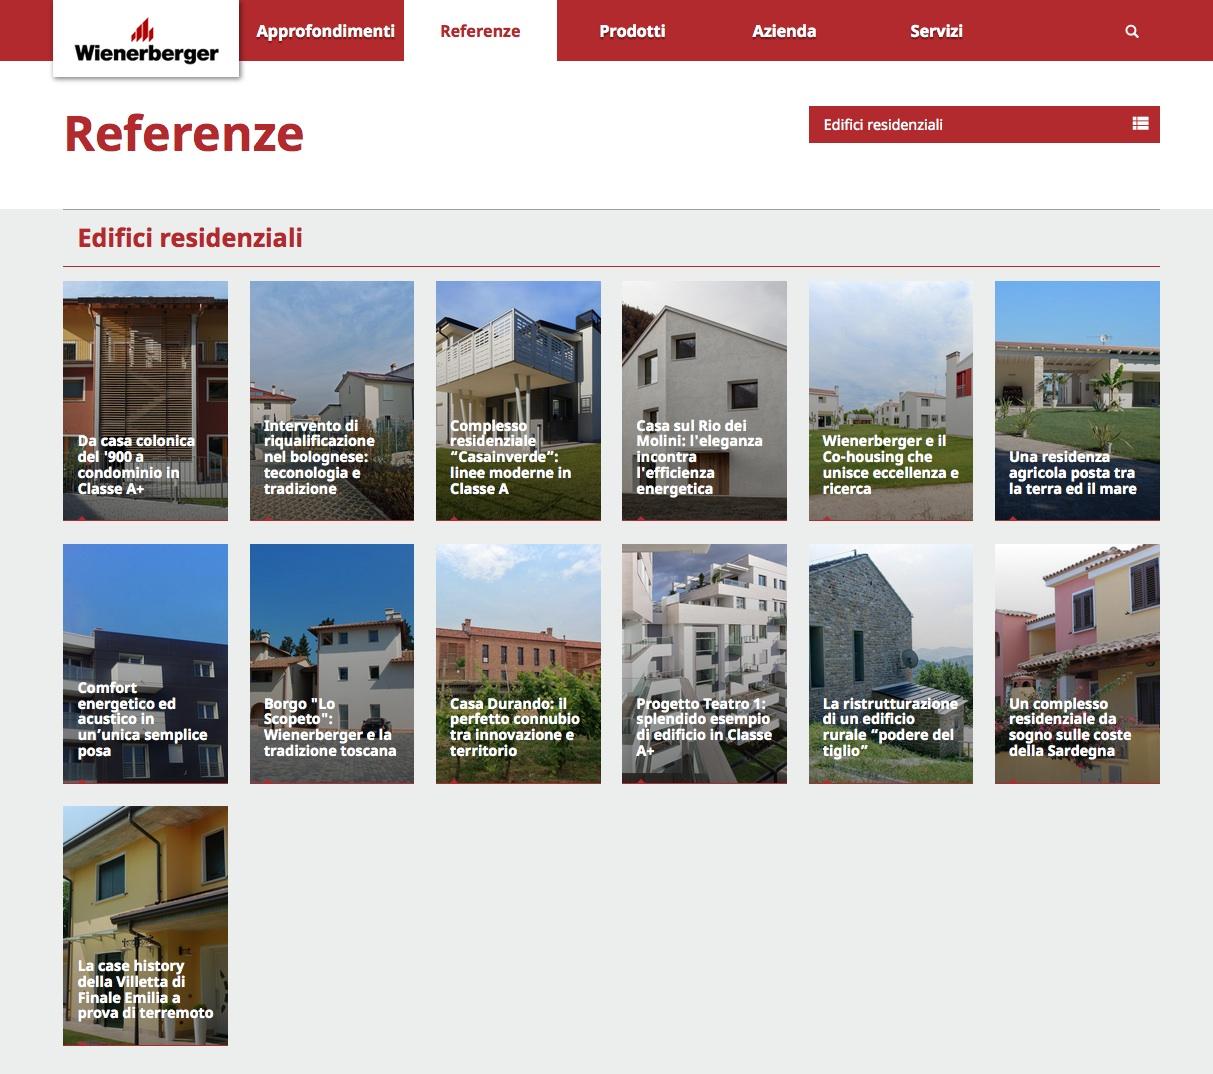 Sezione Referenze del nuovo sito di Wienerberger Italia